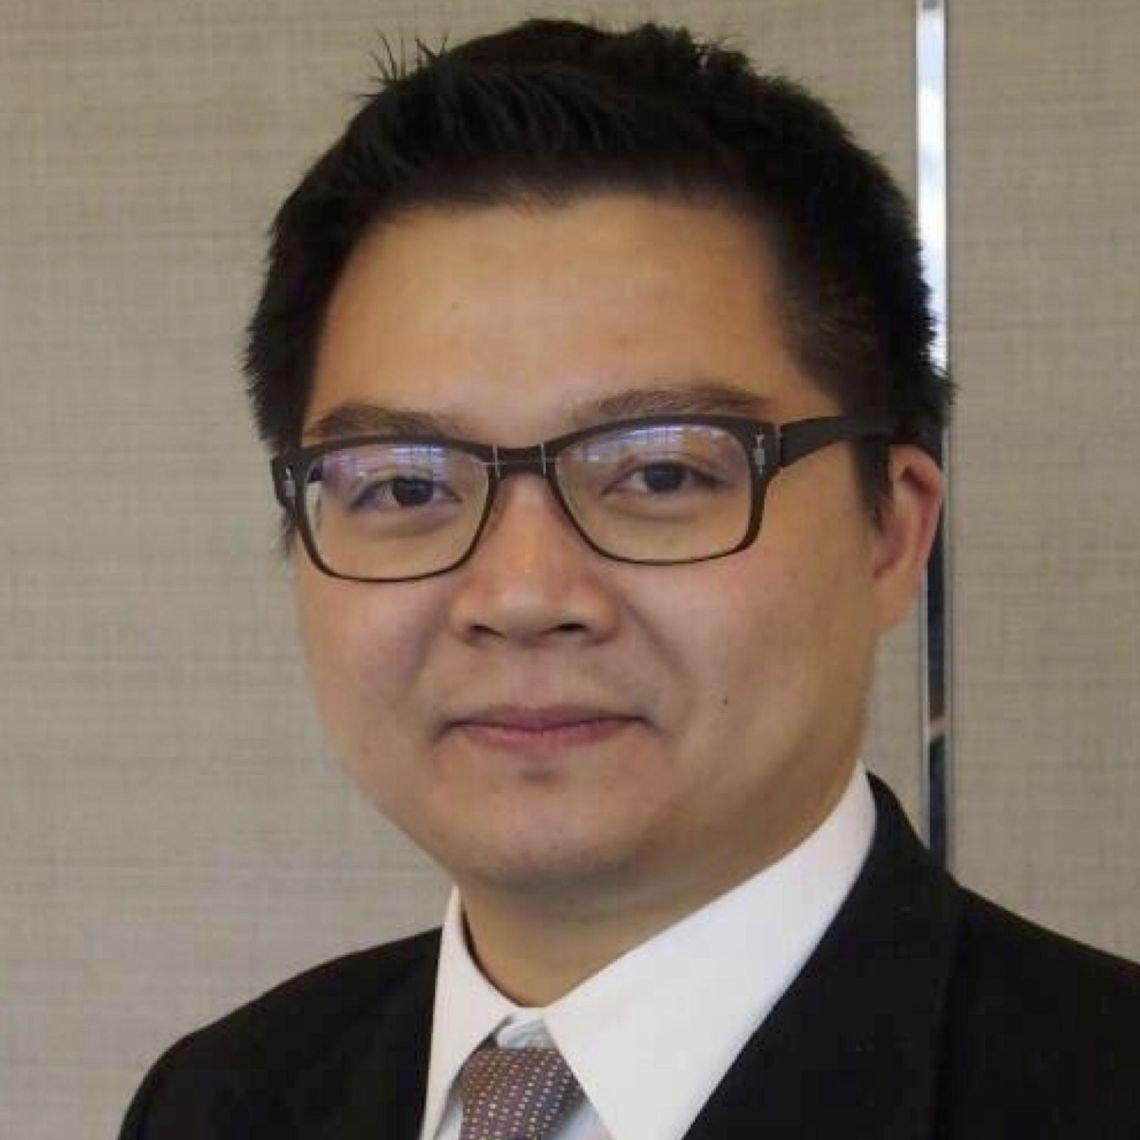 Dr Nantasit Luangasanatip